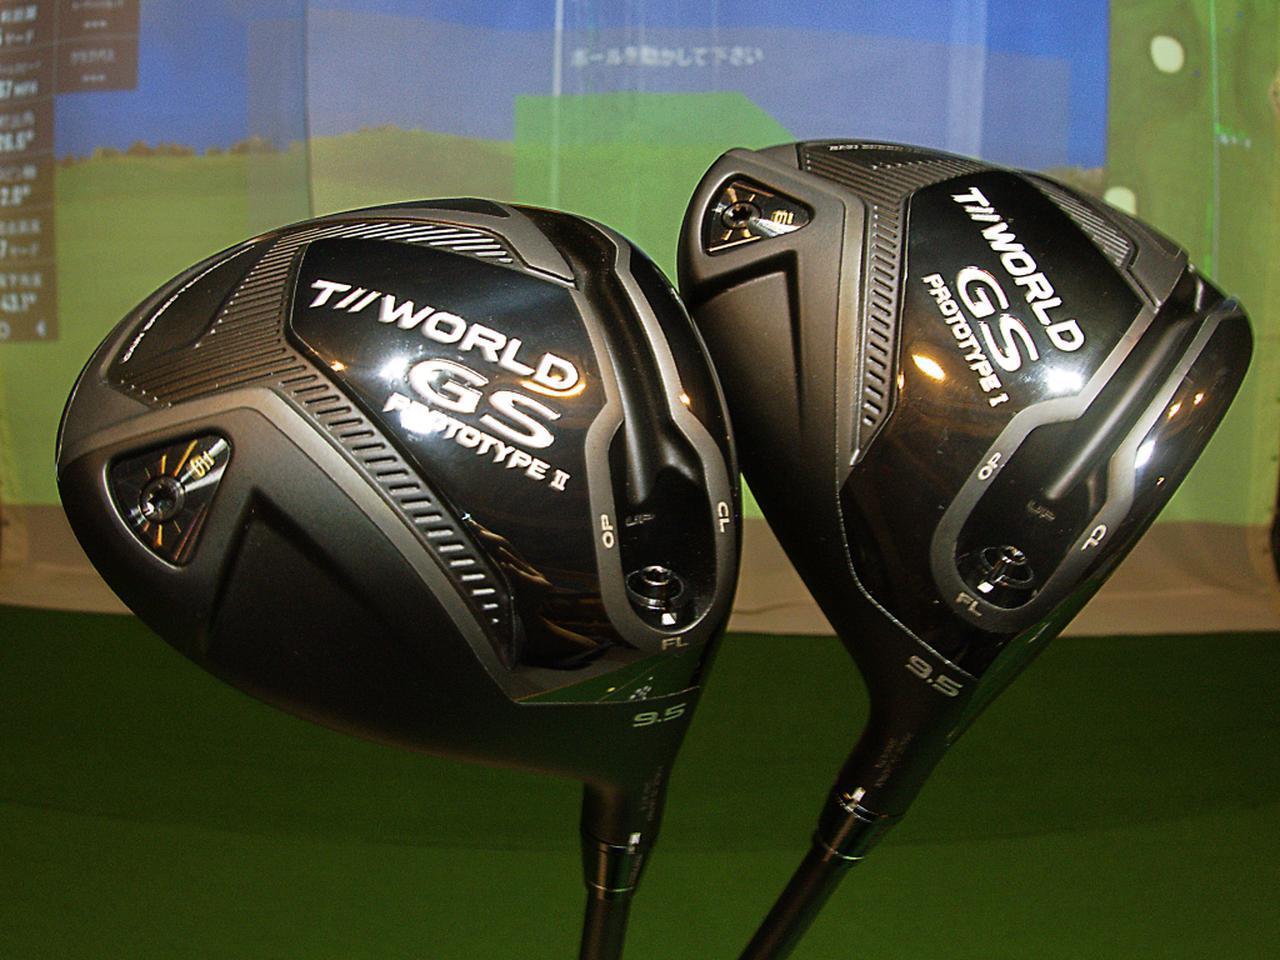 画像: 本間ゴルフのニュードライバー「ツアーワールドGSプロトタイプI」(右)「ツアーワールドGSプロトタイプII」(左)をプロが試打!